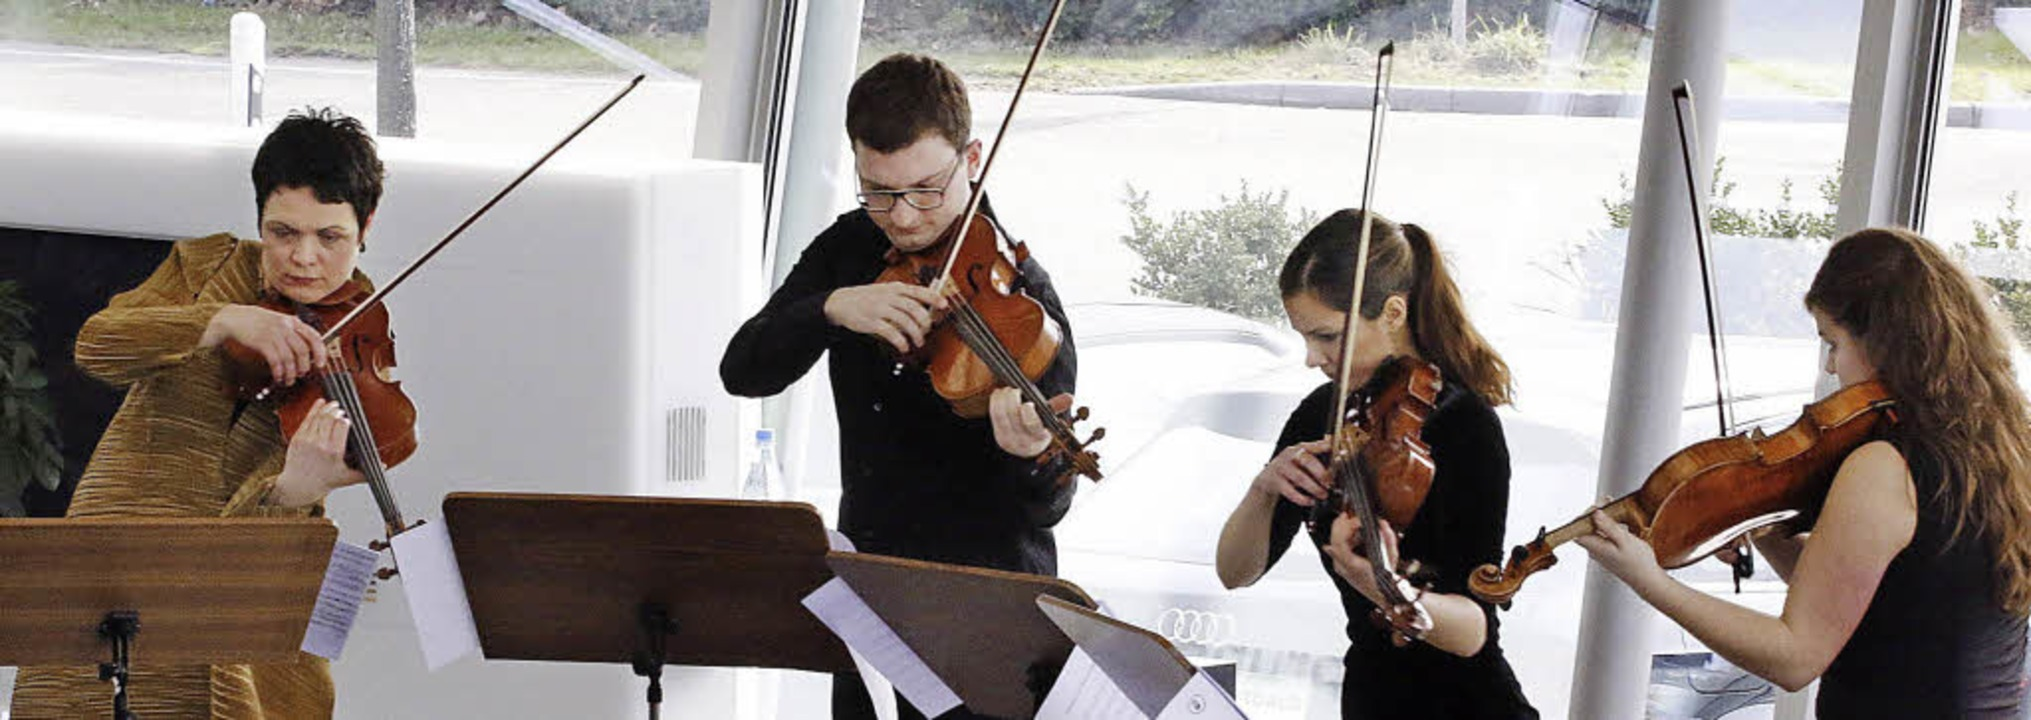 Als Konzertmeisterin am ersten Puls di...und Ausdrucksspektrum ihrer Schüler...  | Foto: Heidi Foessel